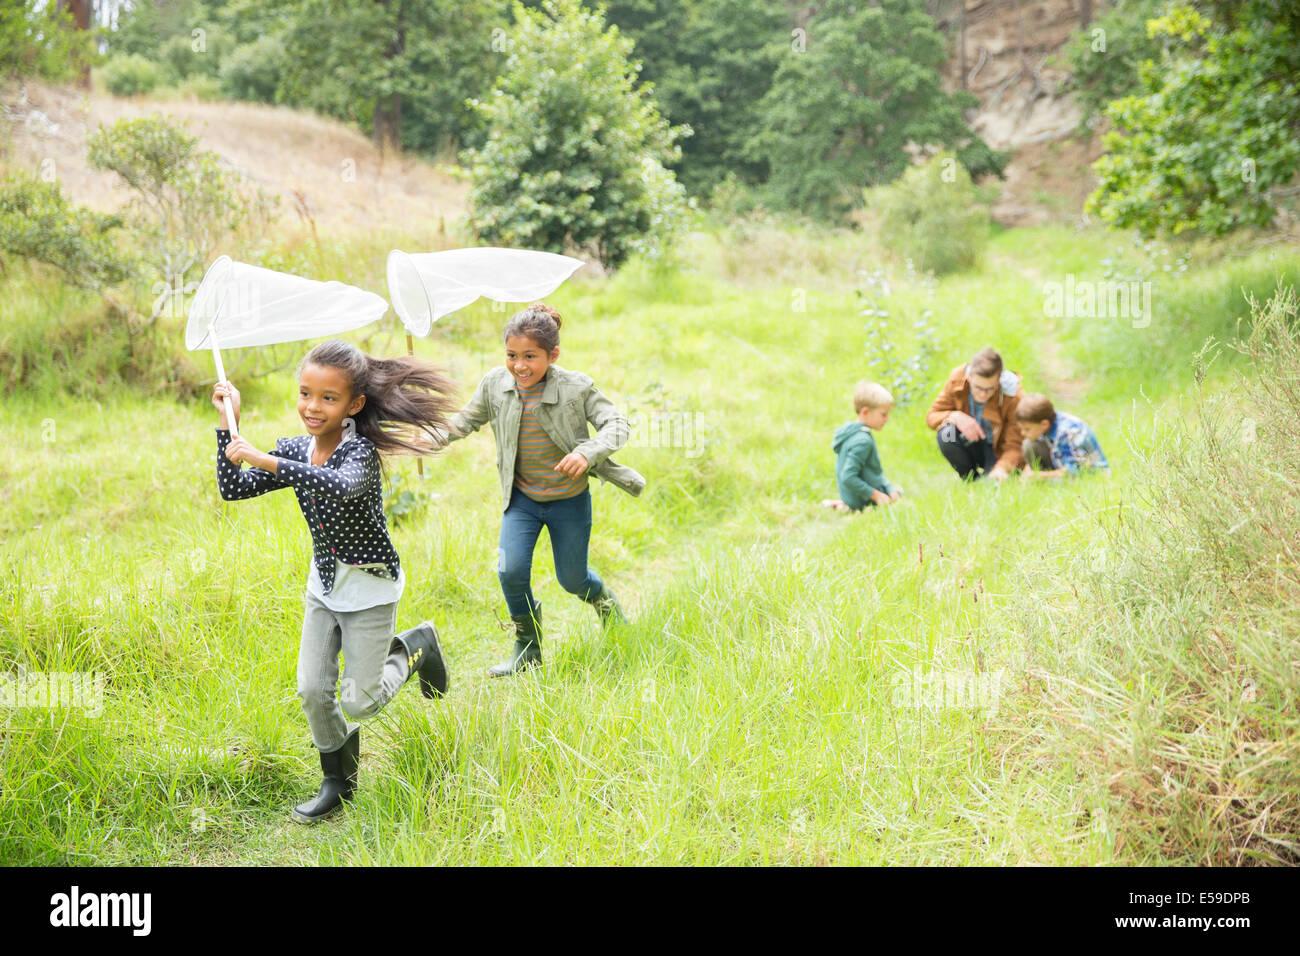 Kinder spielen mit Schmetterling Netze auf Feldweg Stockbild